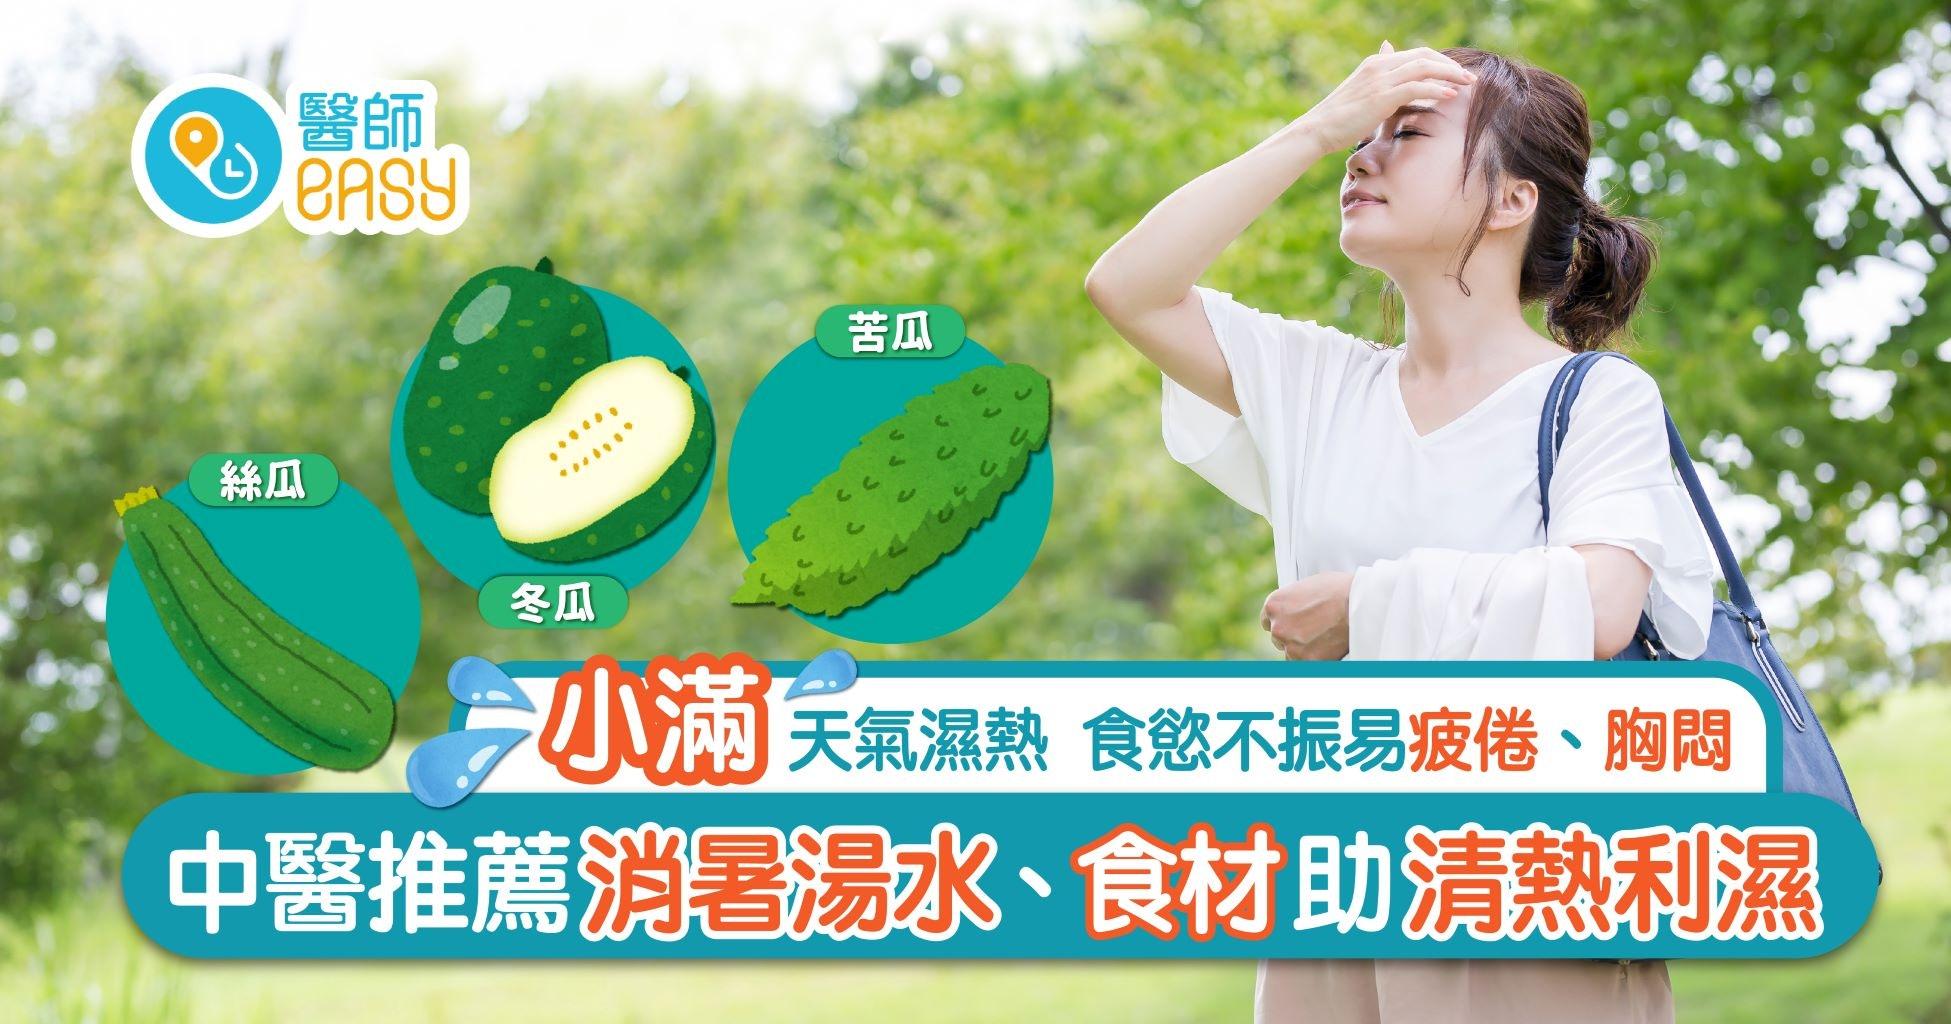 小滿 中醫講解濕熱氣候養生之道 推薦消暑湯水及食材